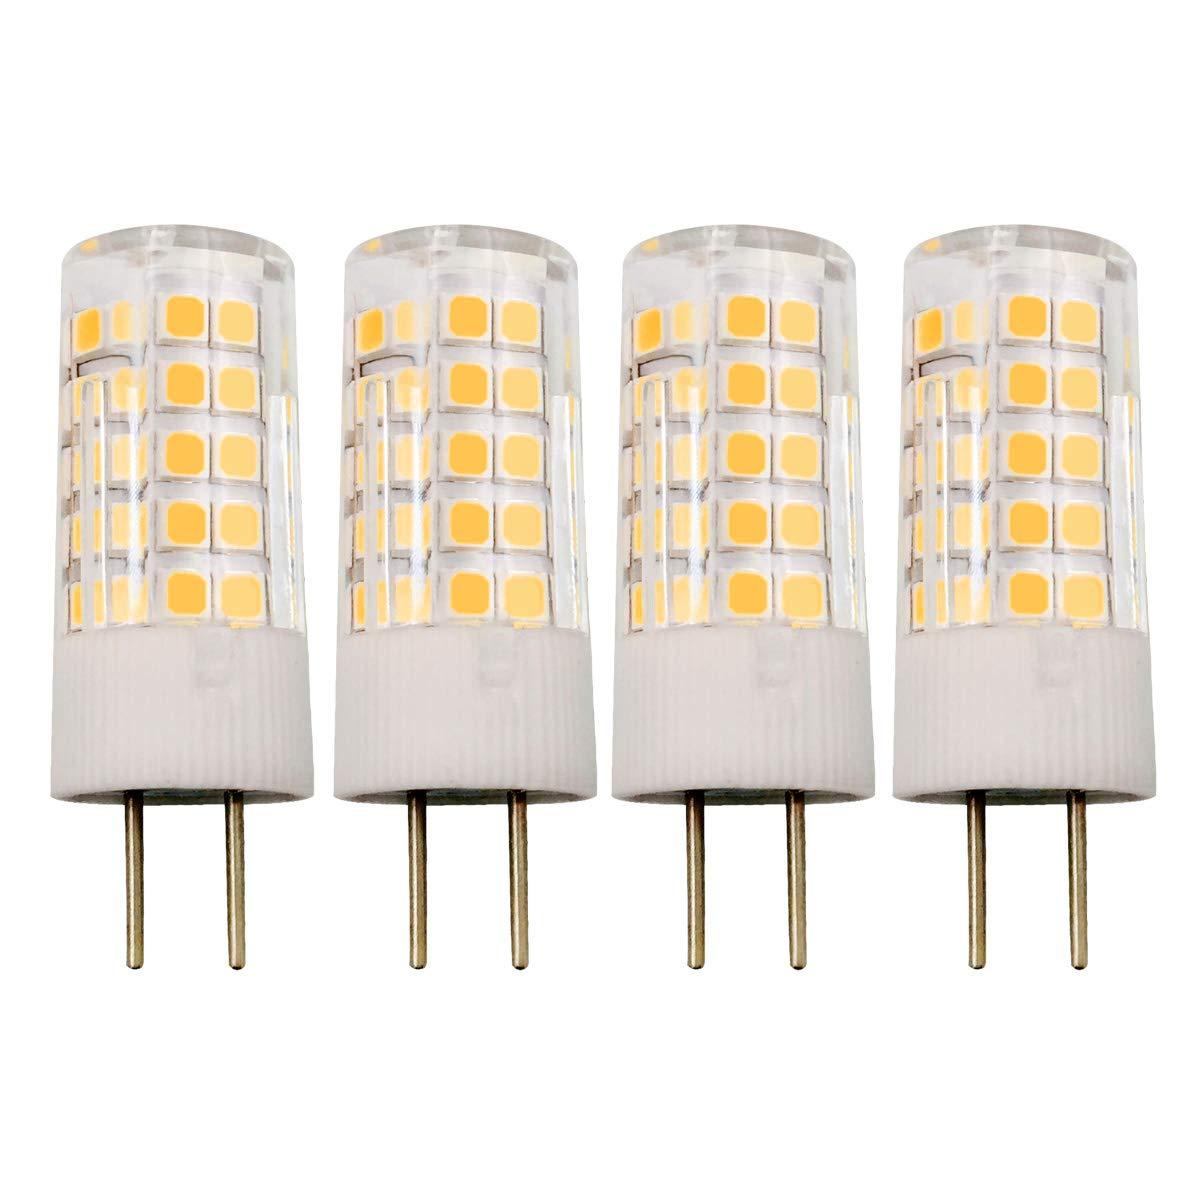 4W JC GY6.35 LED電球 120V 35W T4 ハロゲン GY6.35 ベース電球相当 温白色 4個パック   B07MGL9LK8